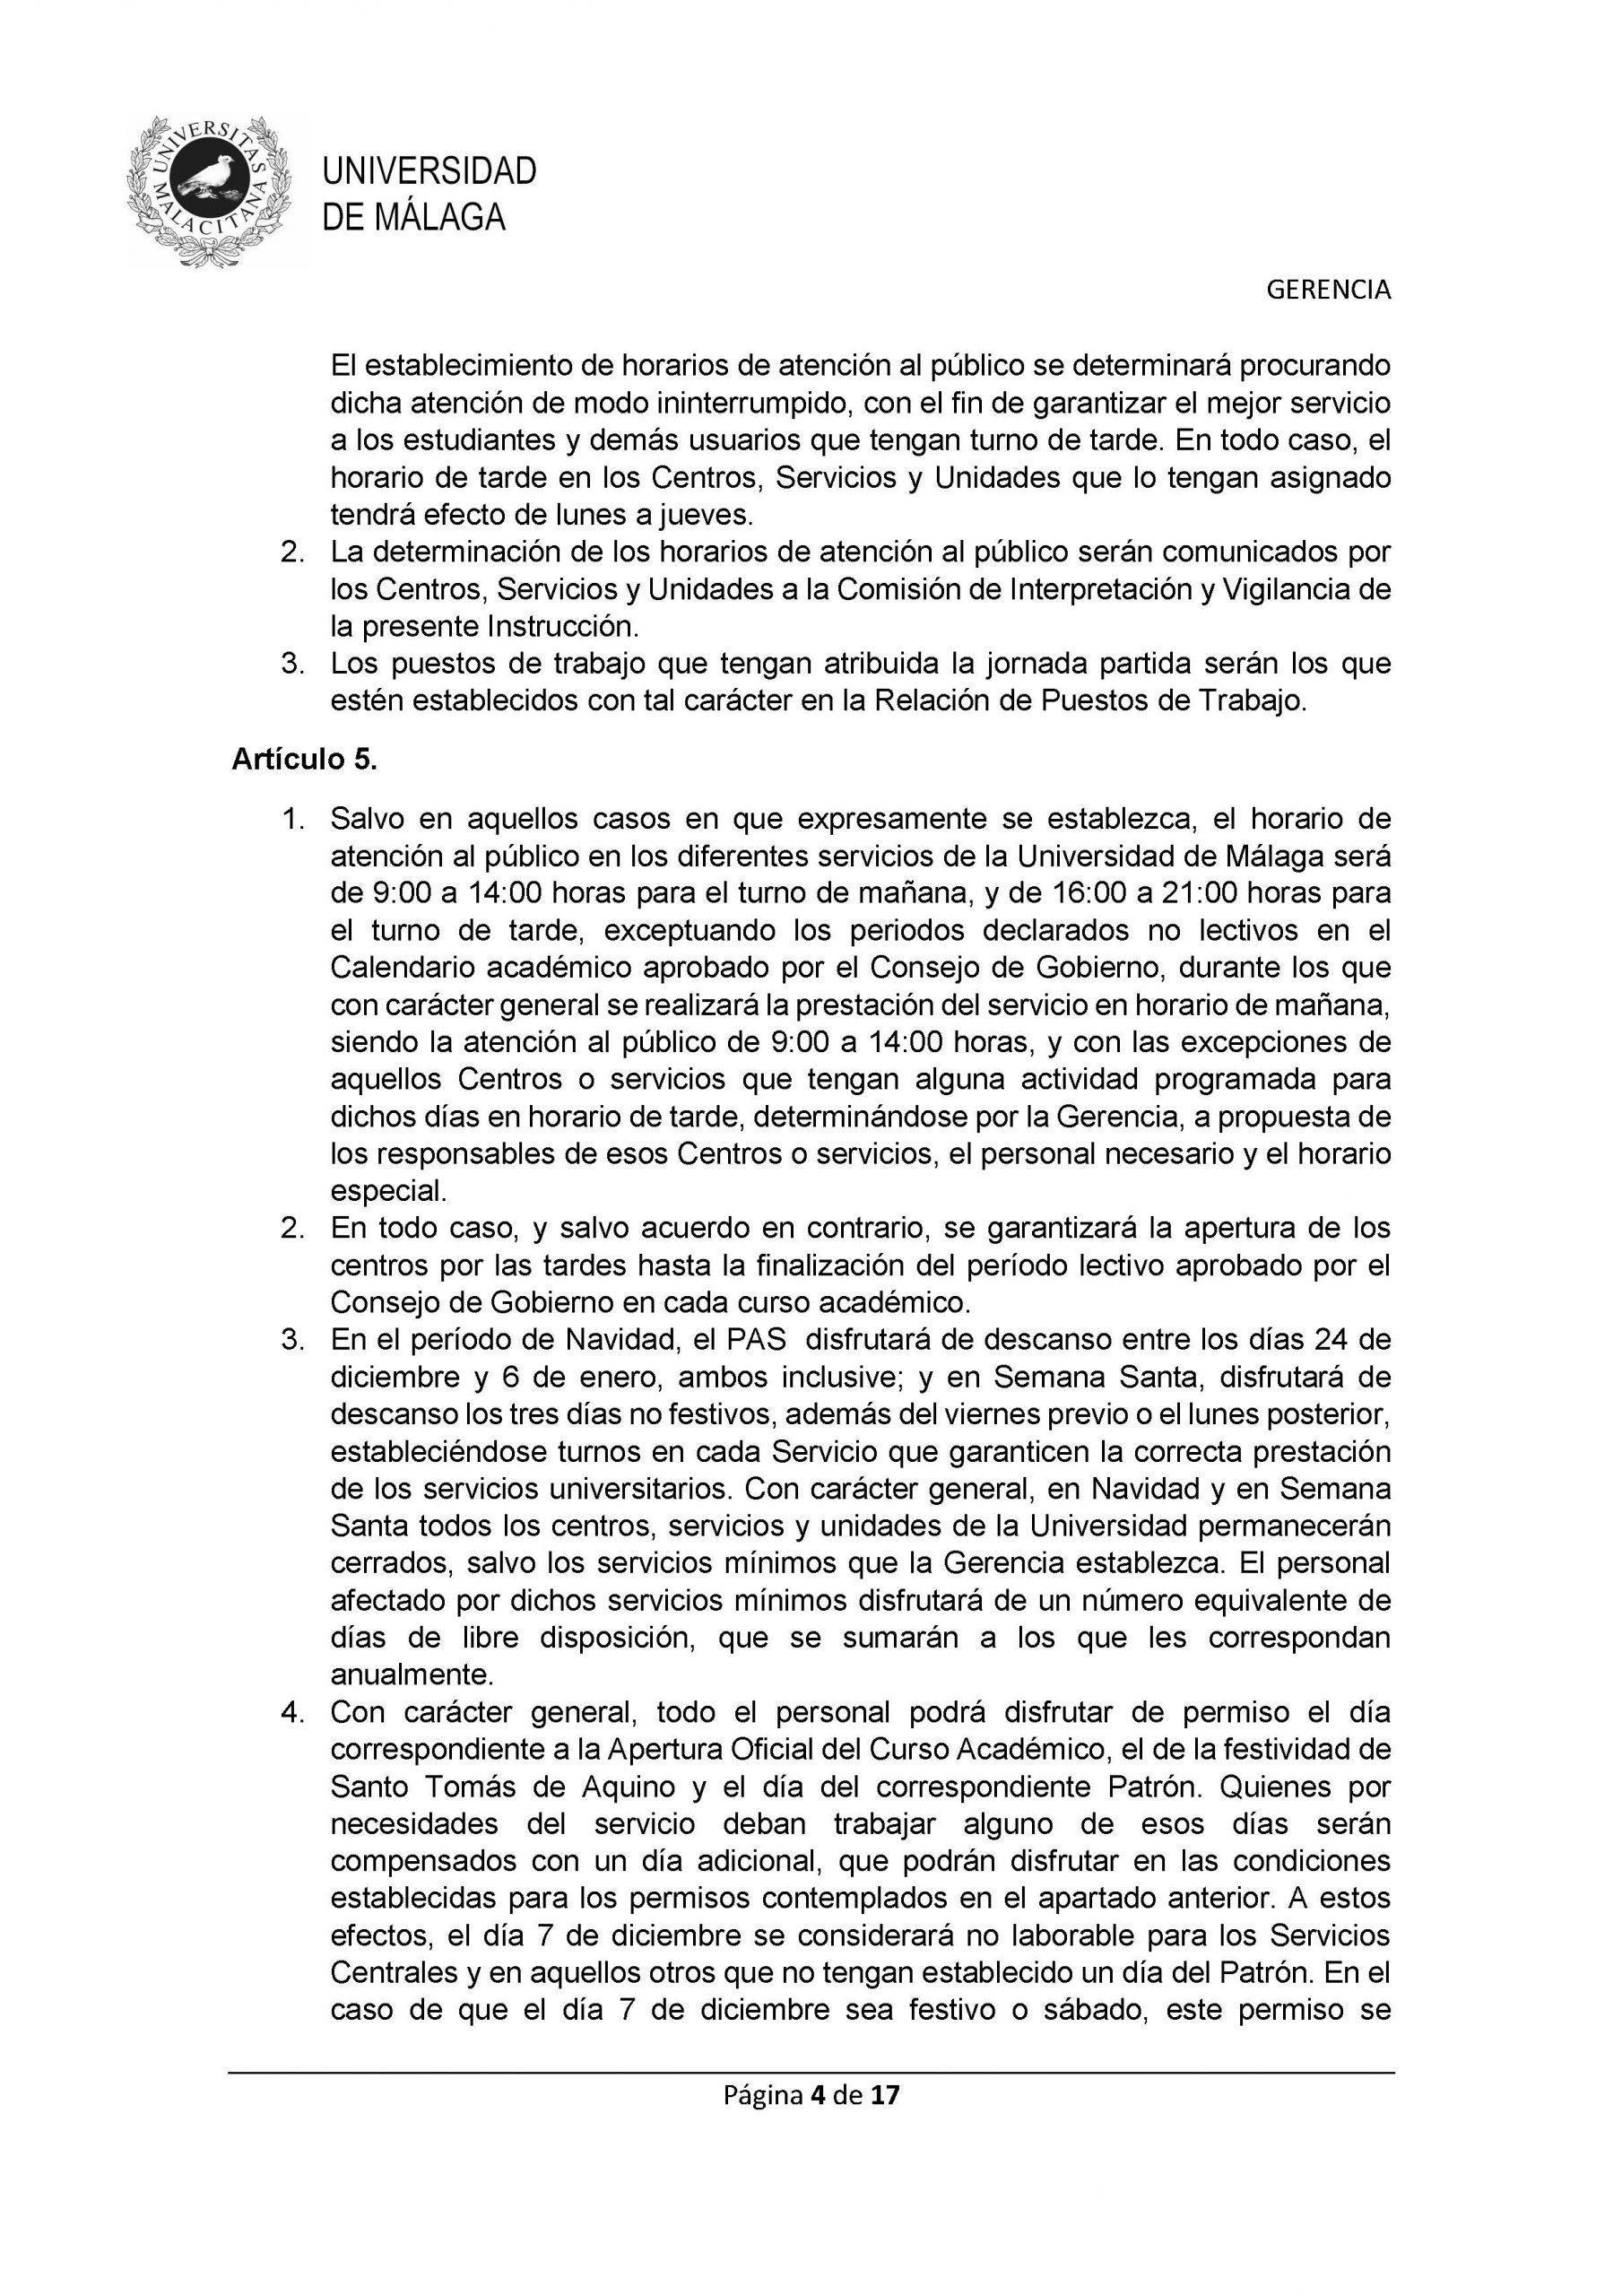 instruccion_interna_texto_final_5_de_mayo_pgina_04